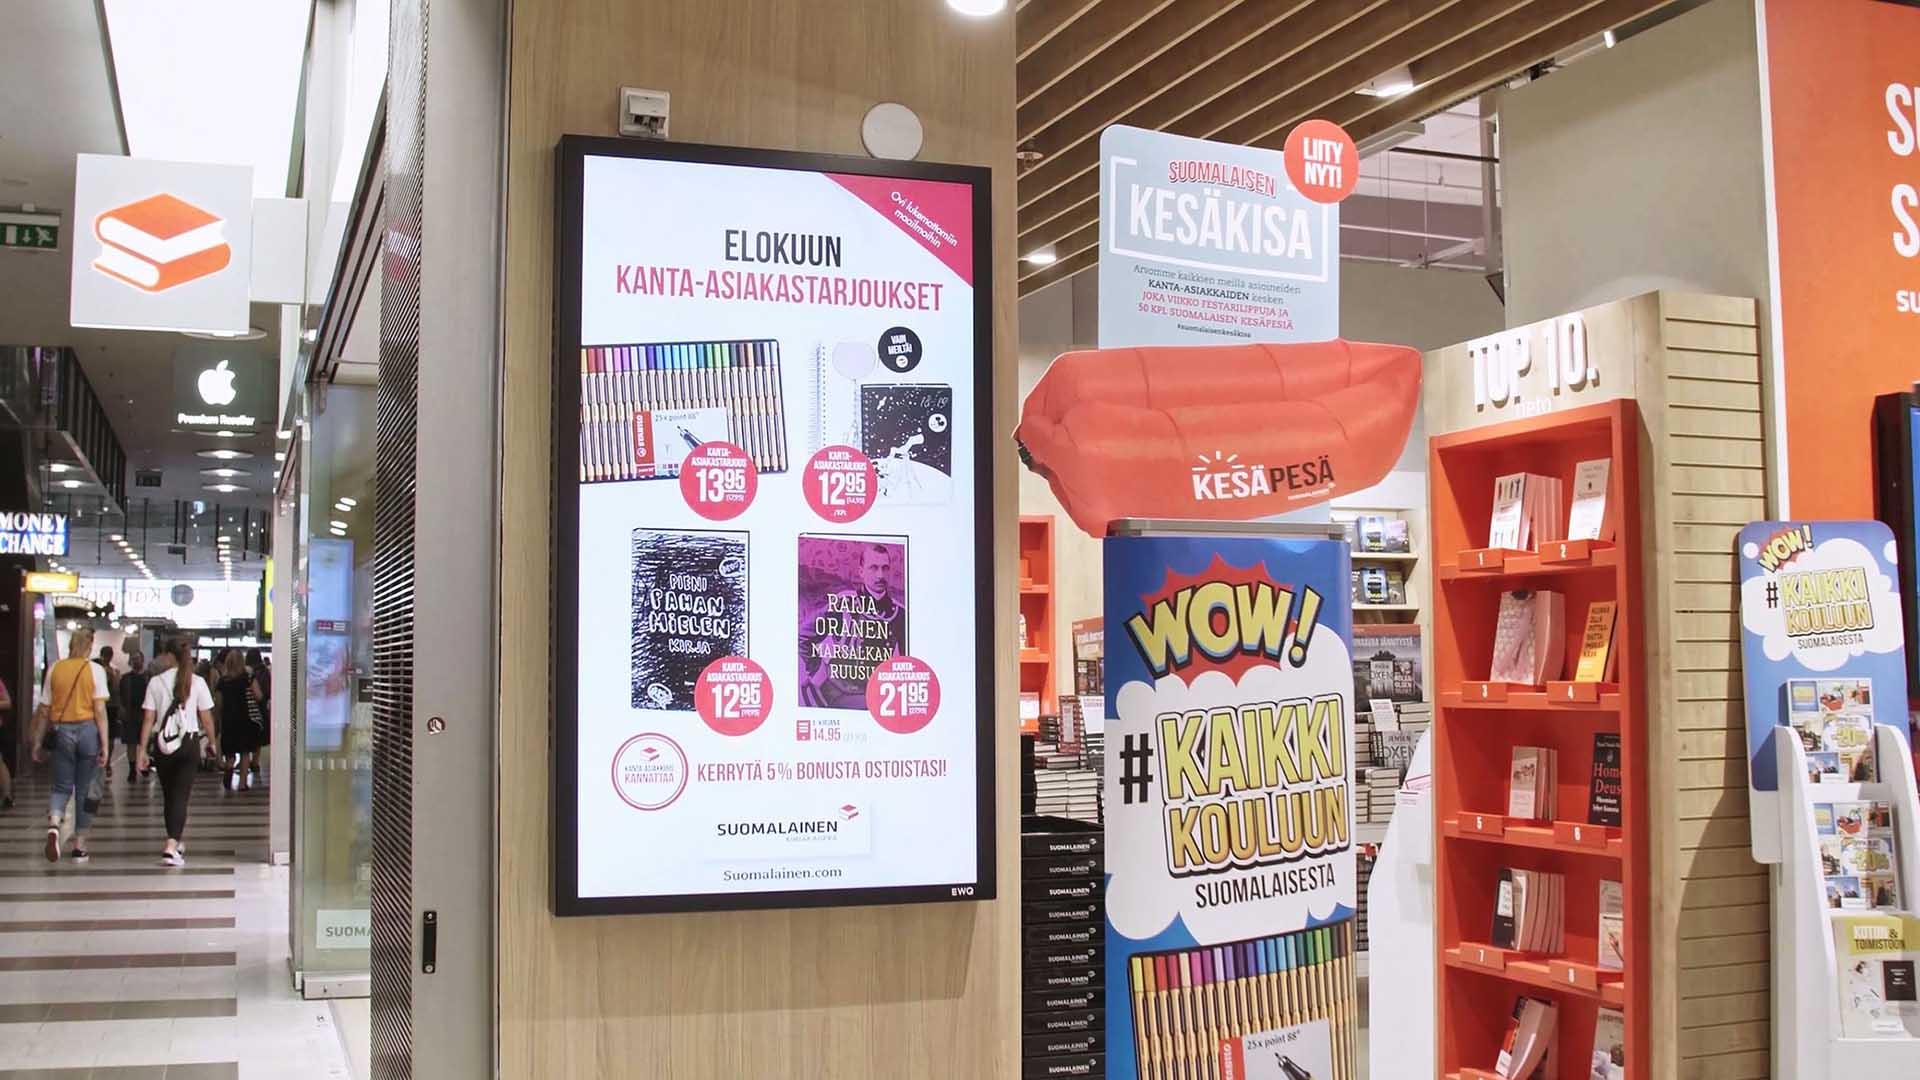 EWQ:n digitaaliset näytöt esittävät Suomalaisen Kirjakaupan houkuttelevaa mainonstaa Kampin käytävälle.